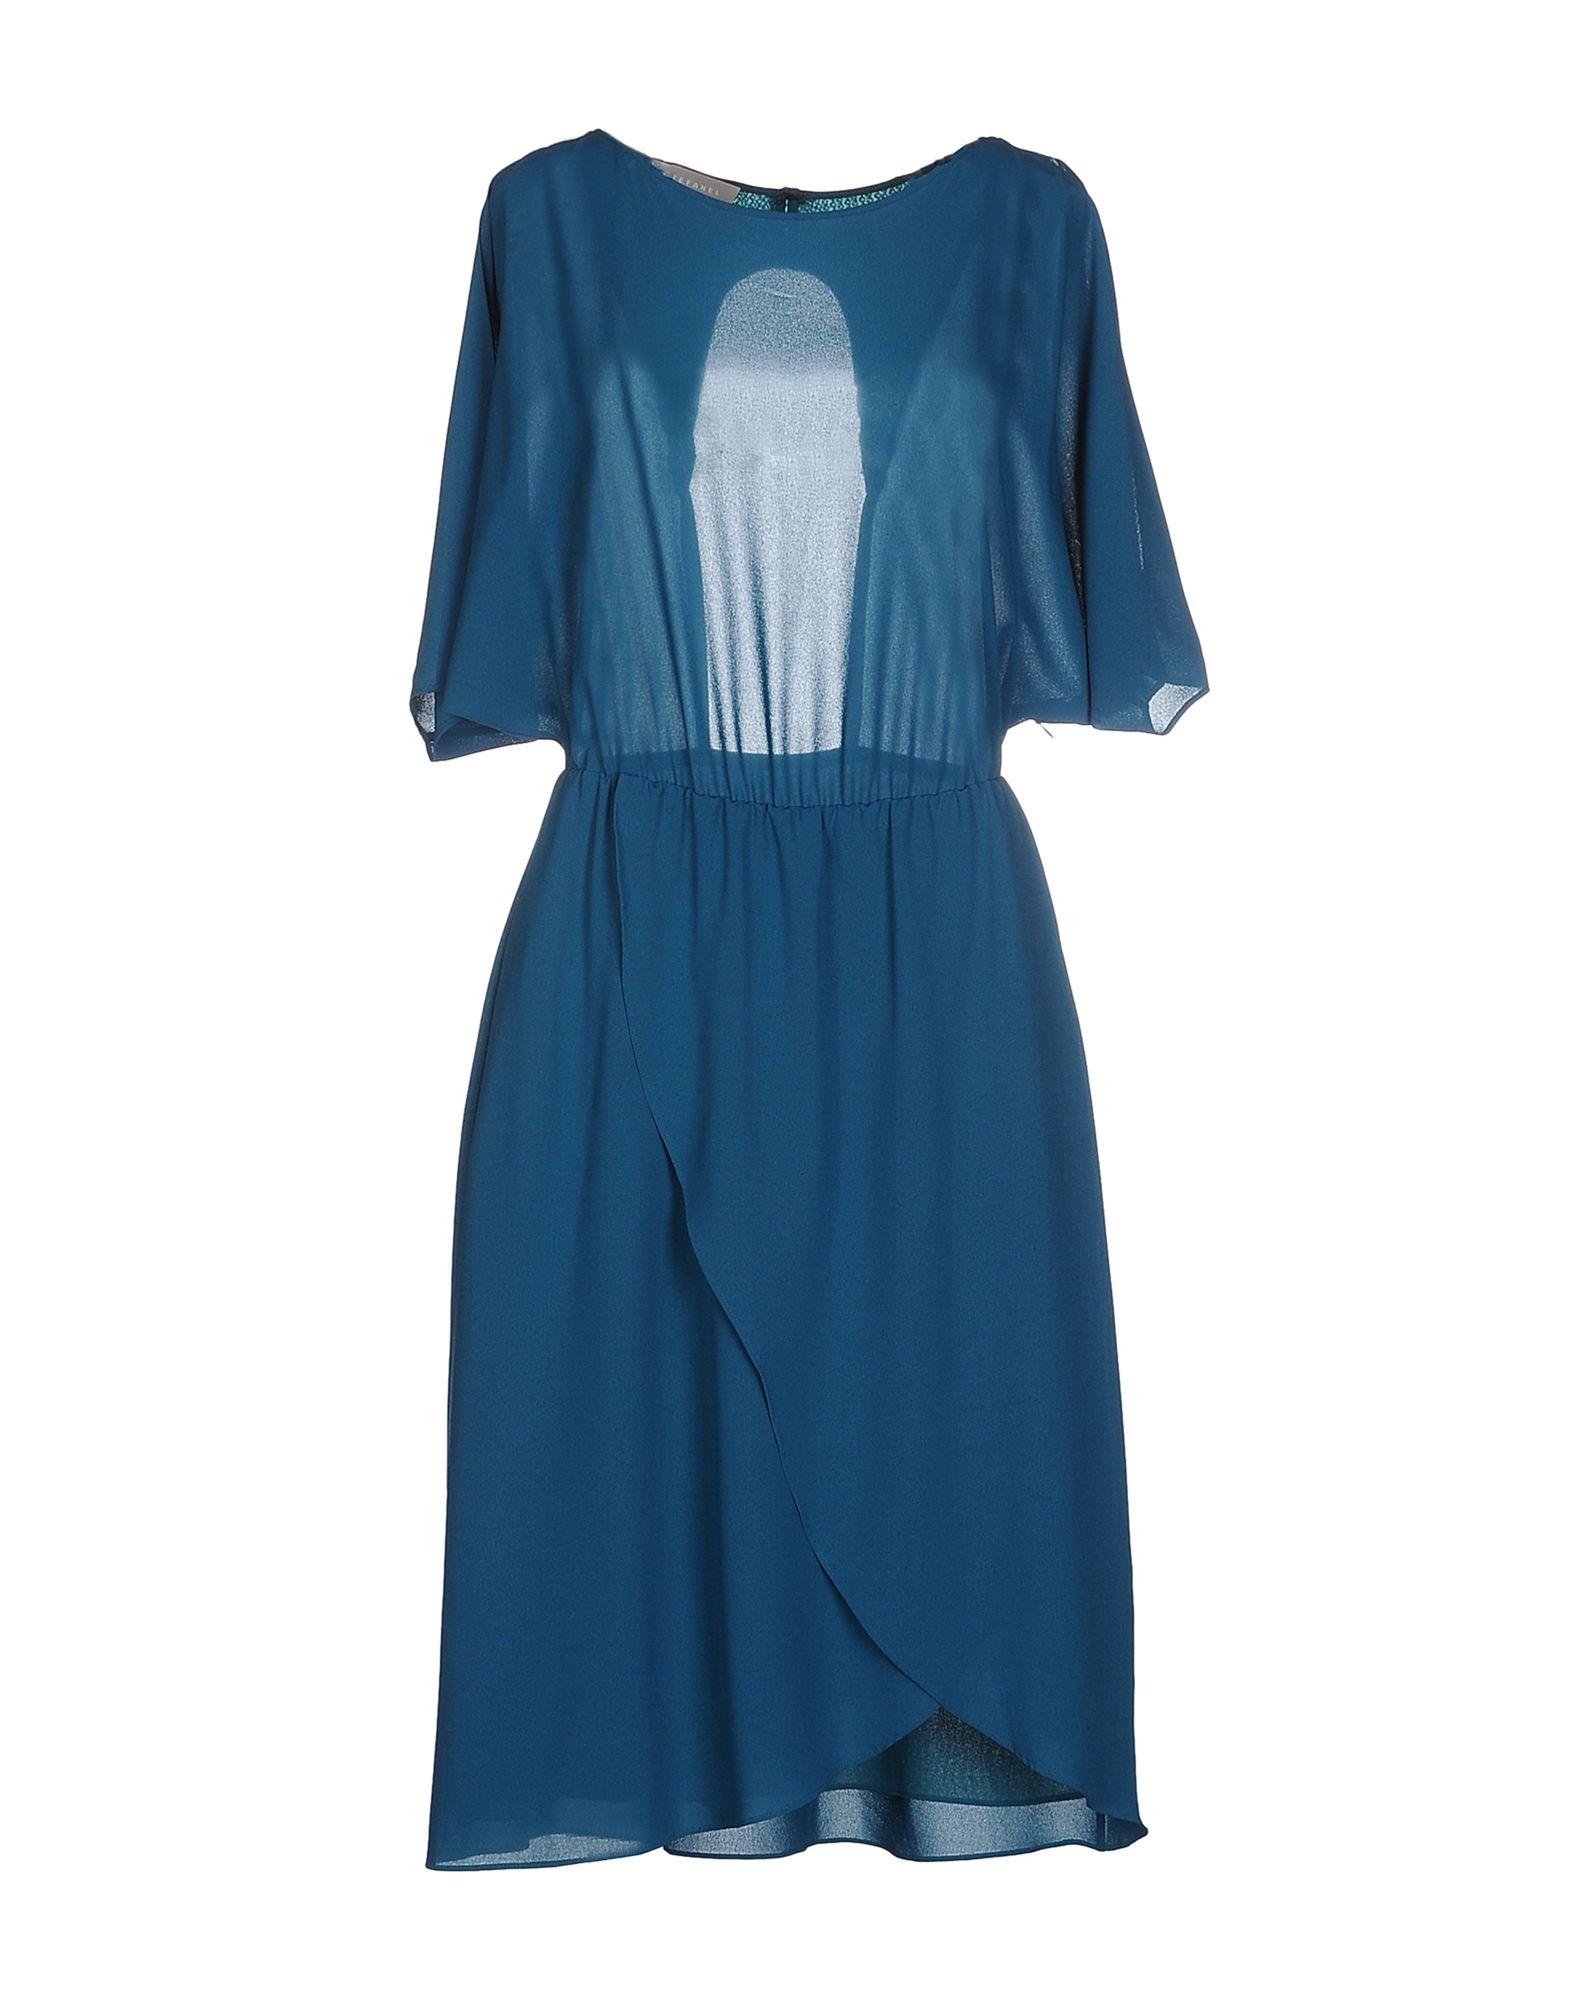 цены на STEFANEL Платье до колена в интернет-магазинах